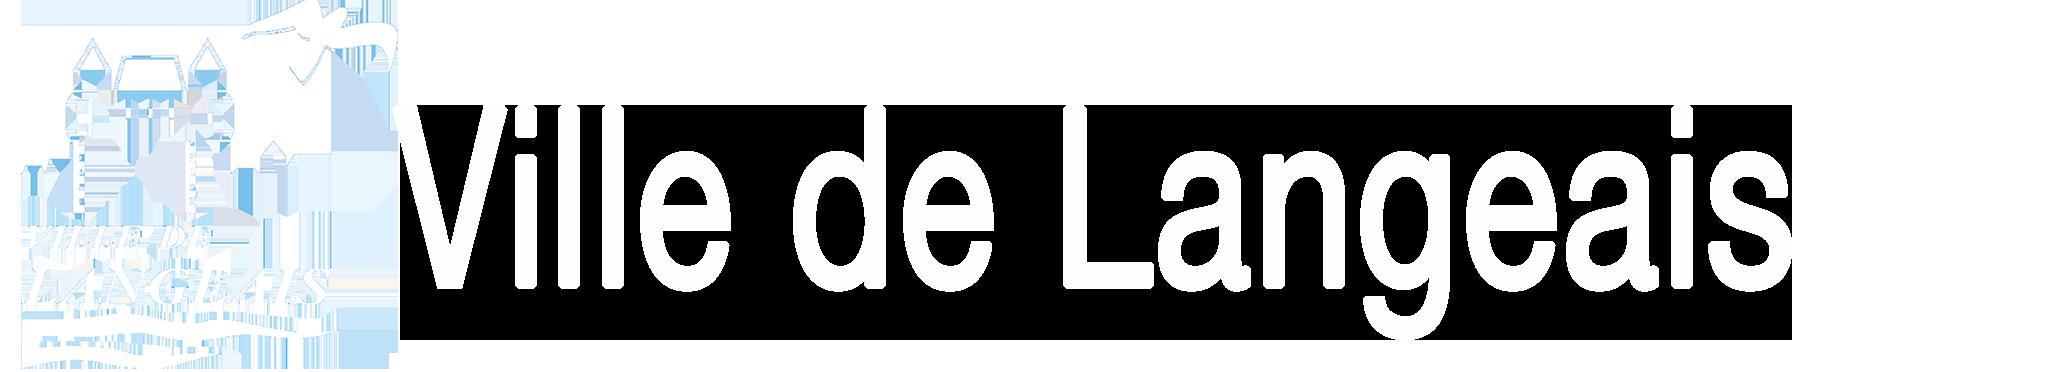 Commune de Langeais